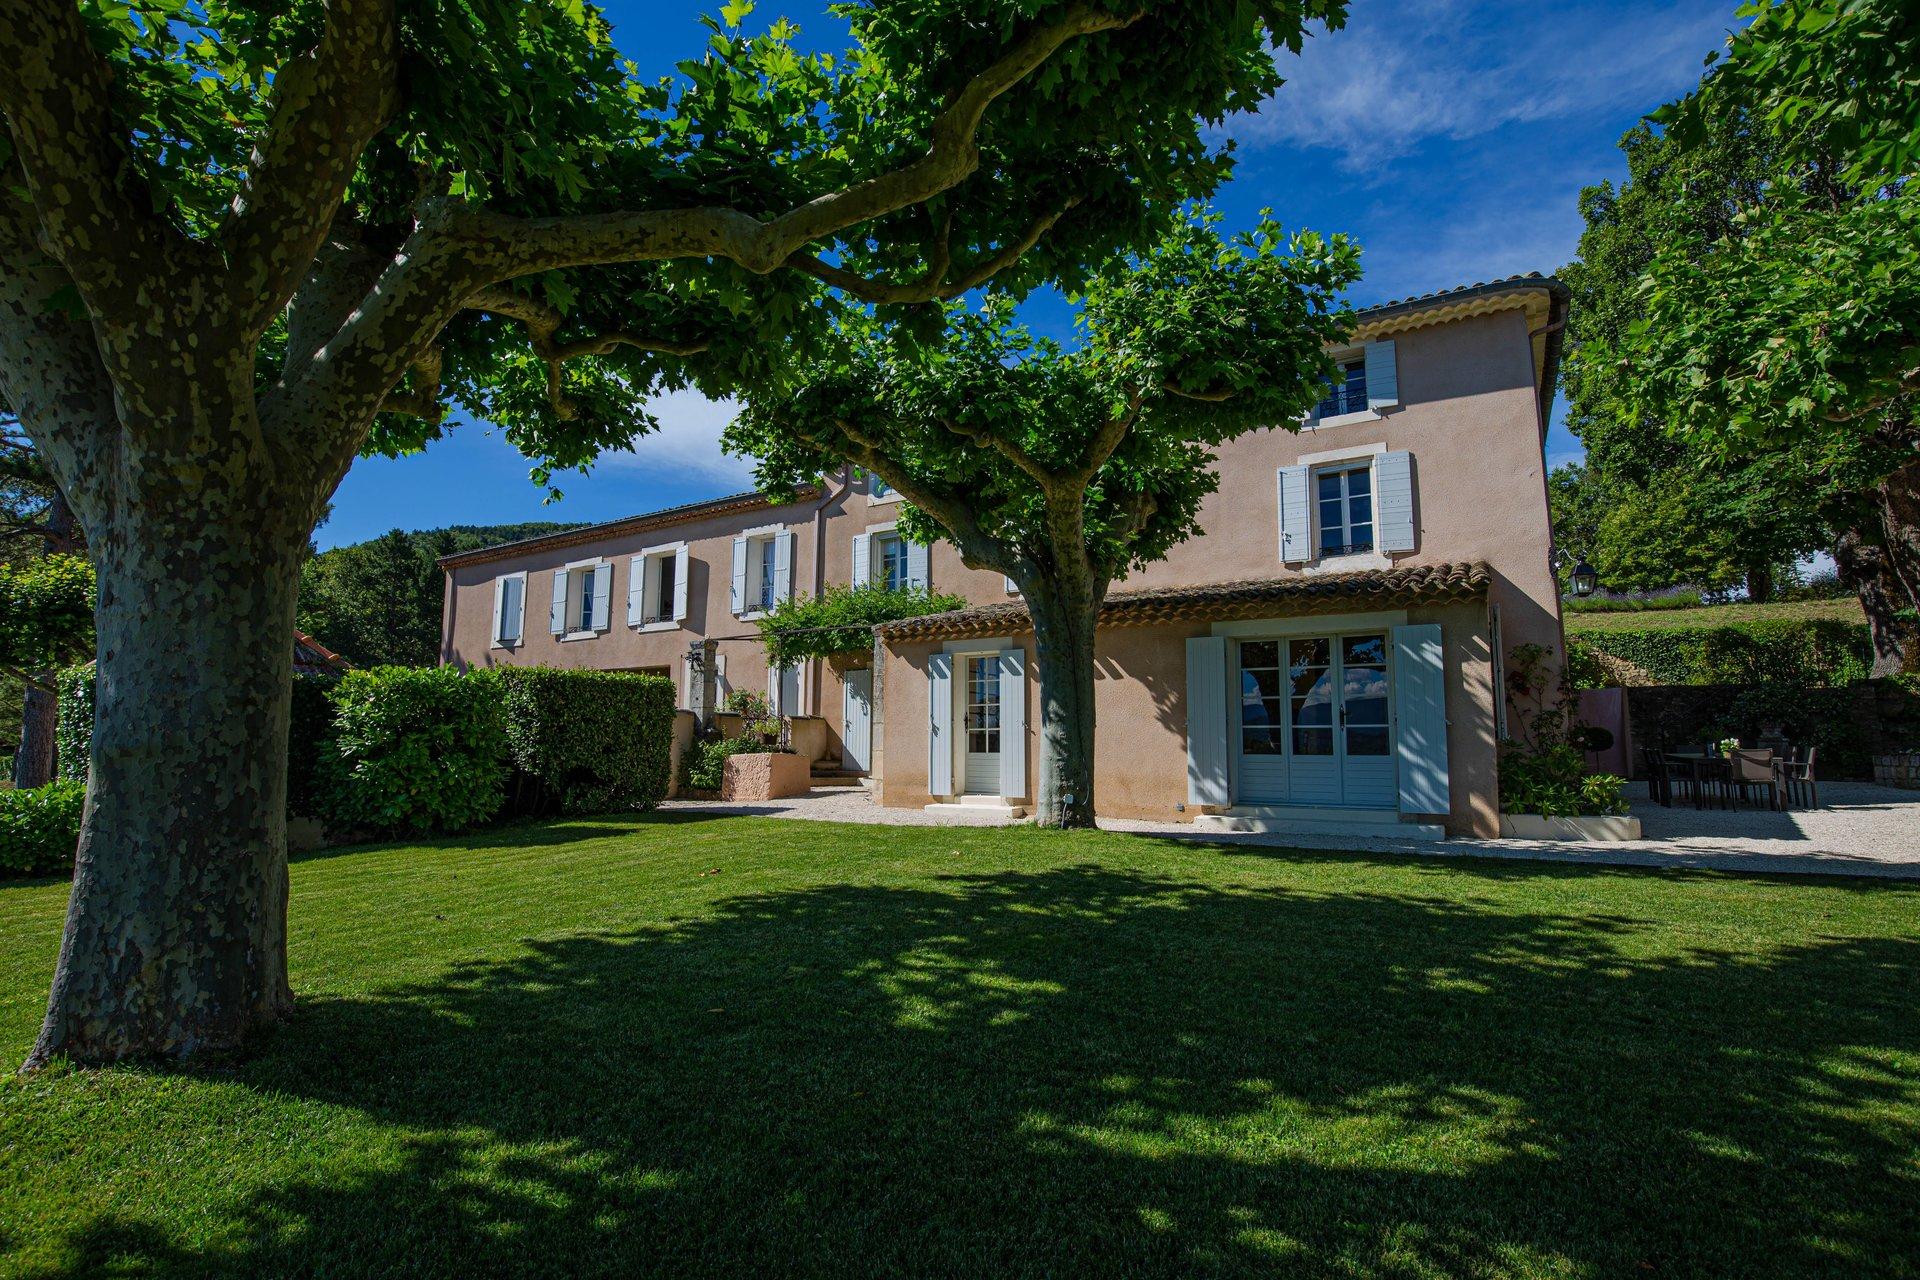 Villas for Sale - PL007